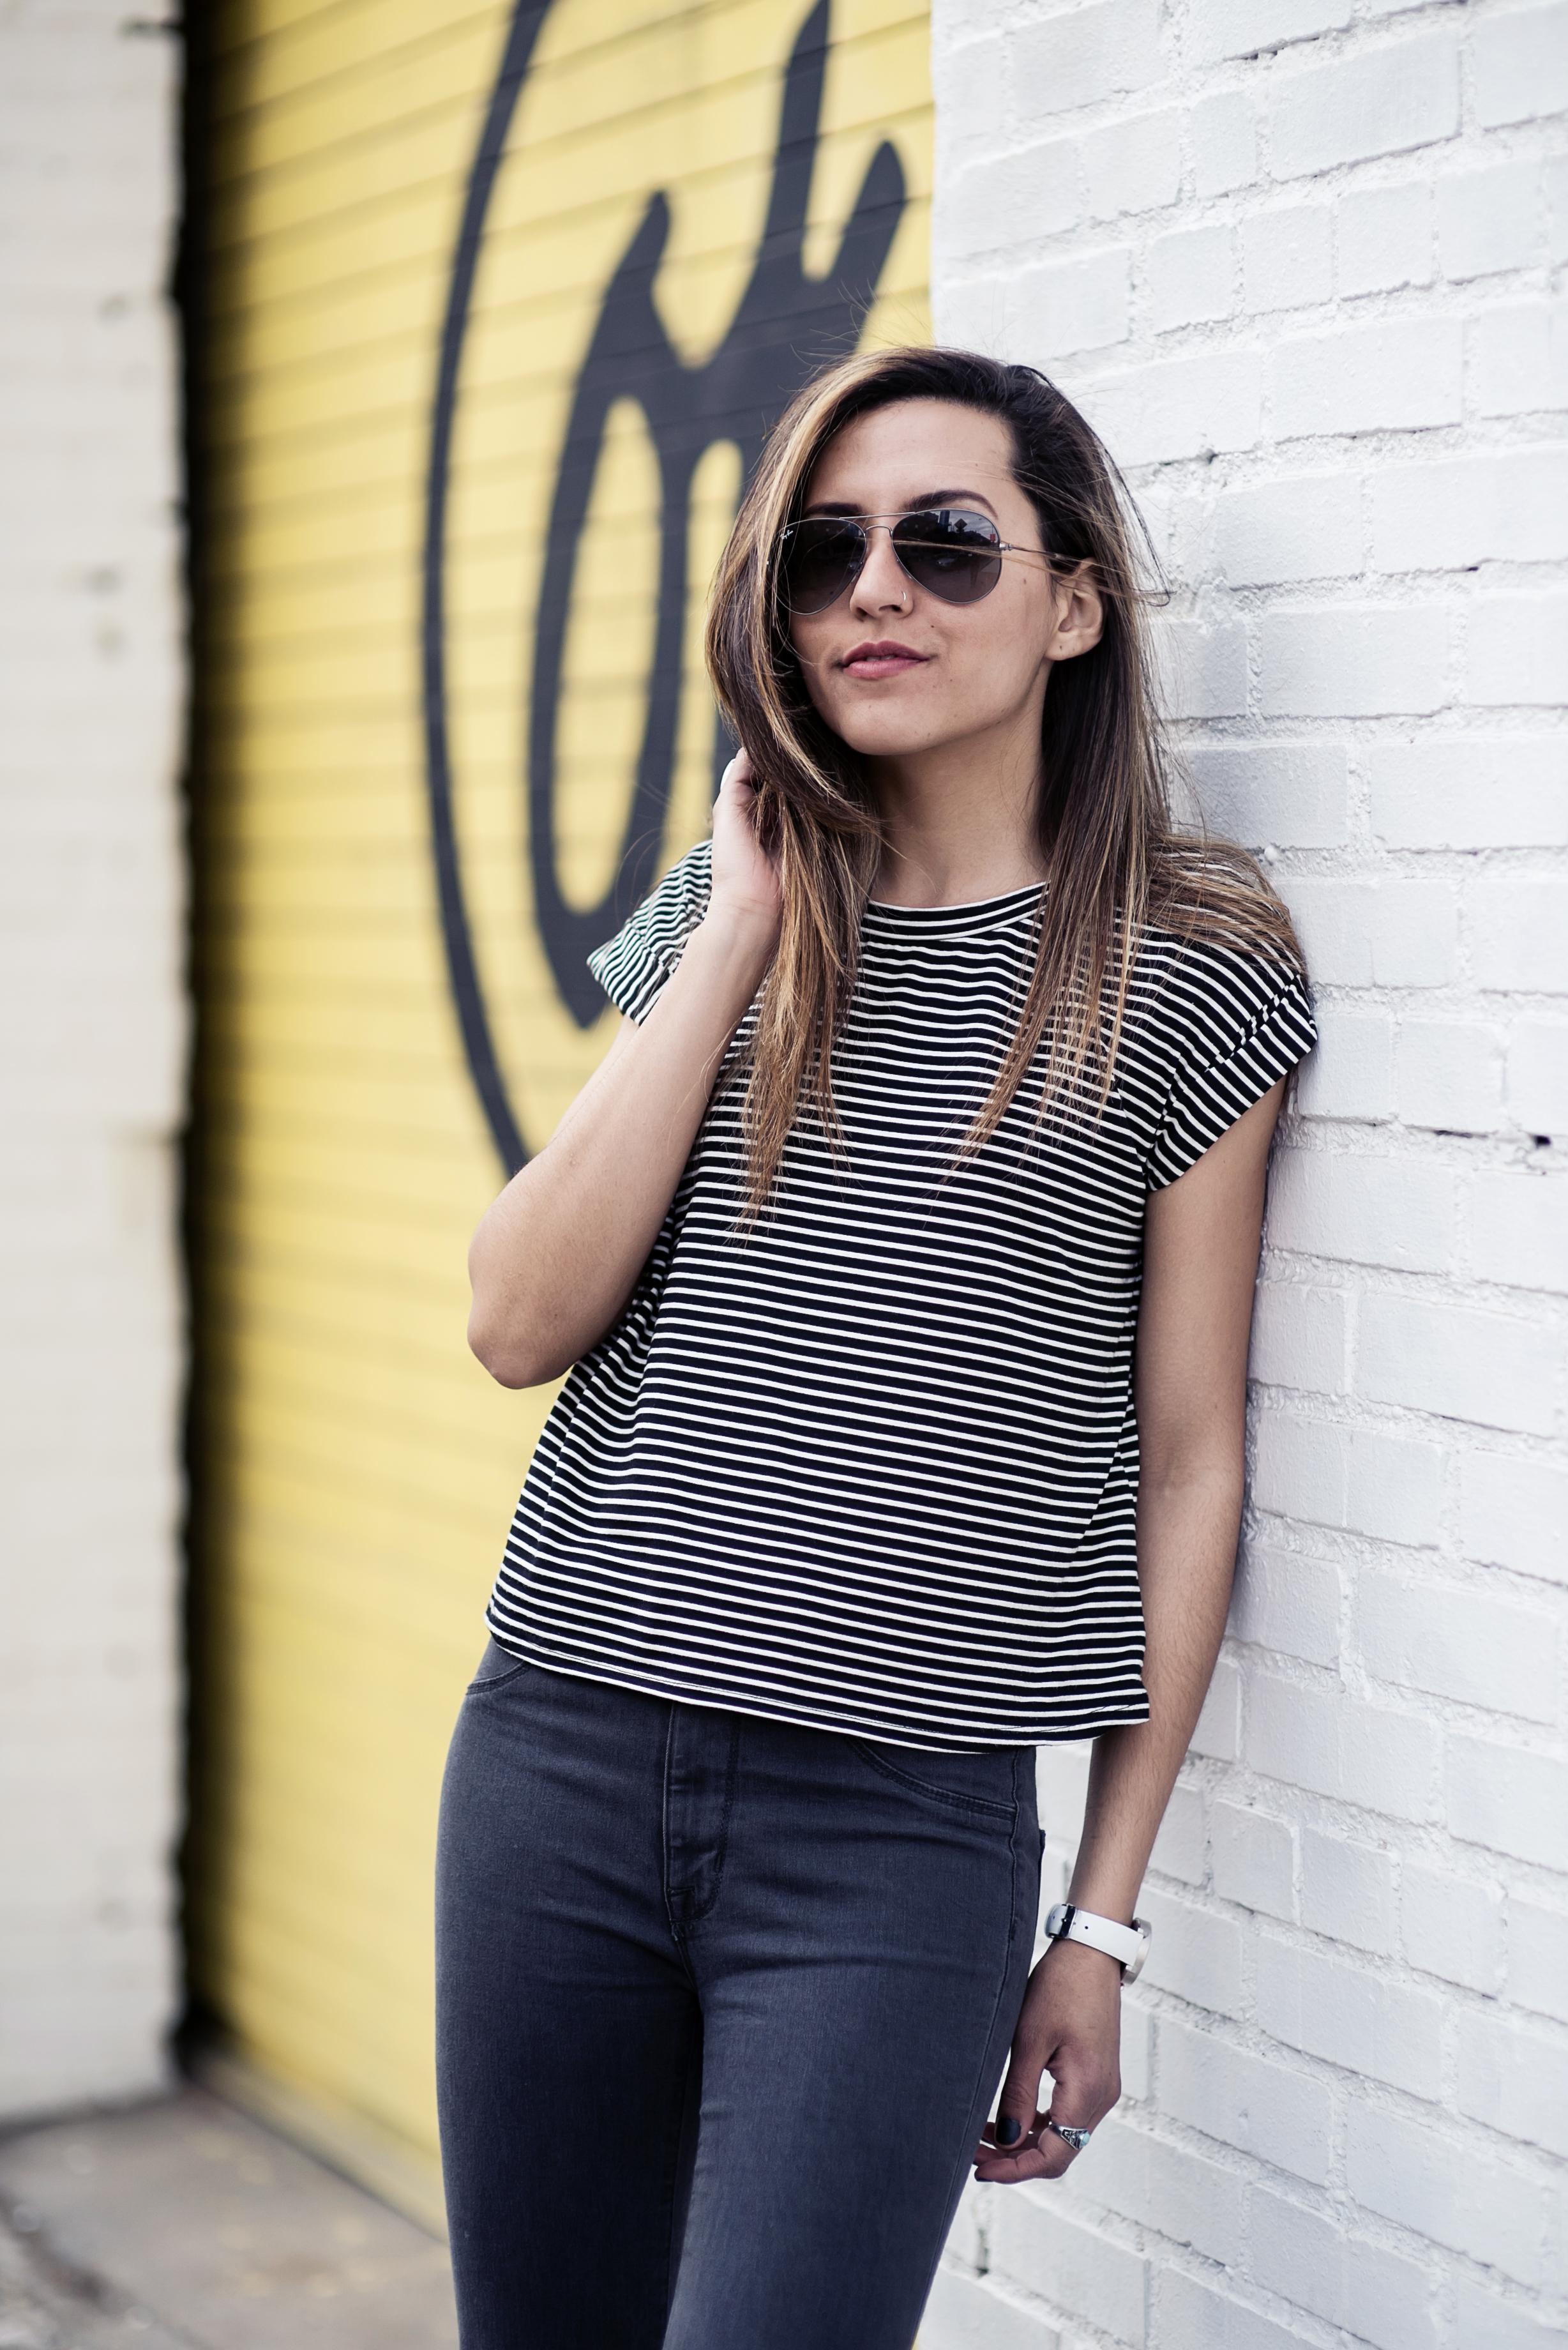 timeless_stripped_tshirt_fashion_blogger_raquel_paiva